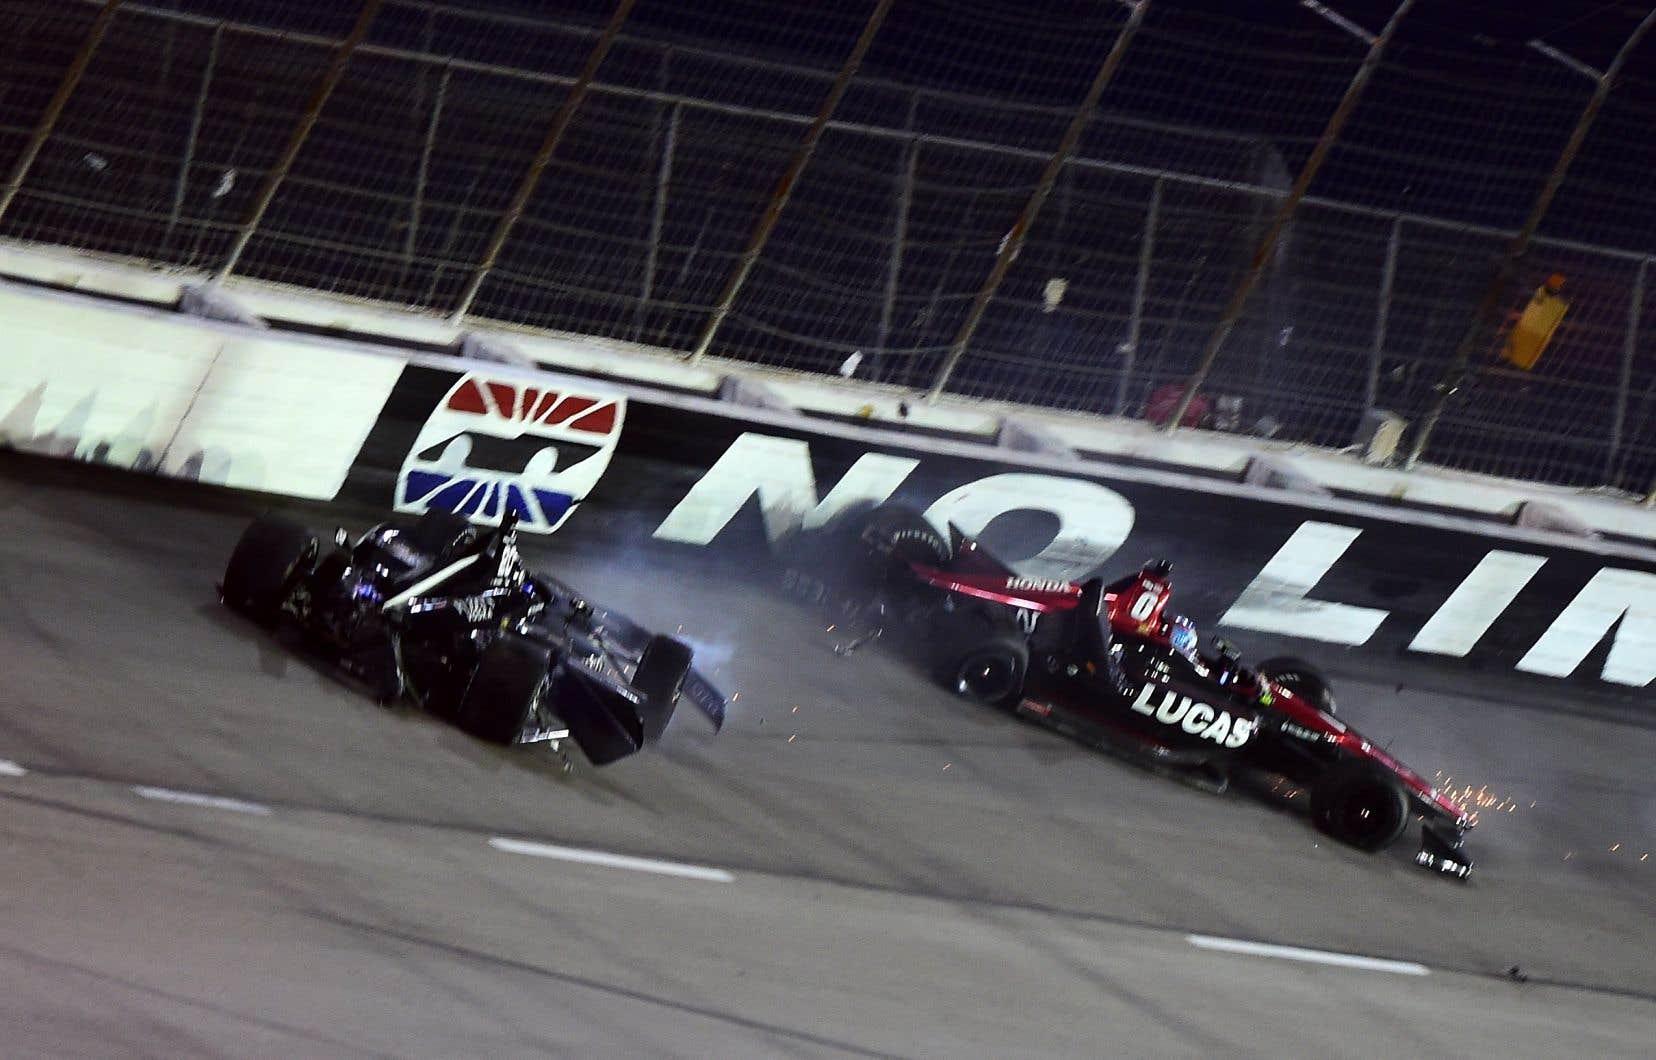 Après le contact entre Wickens et Hunter-Reay dimanche, la voiture de Wickens a quitté la piste et a subi un très violent impact contre la clôture.